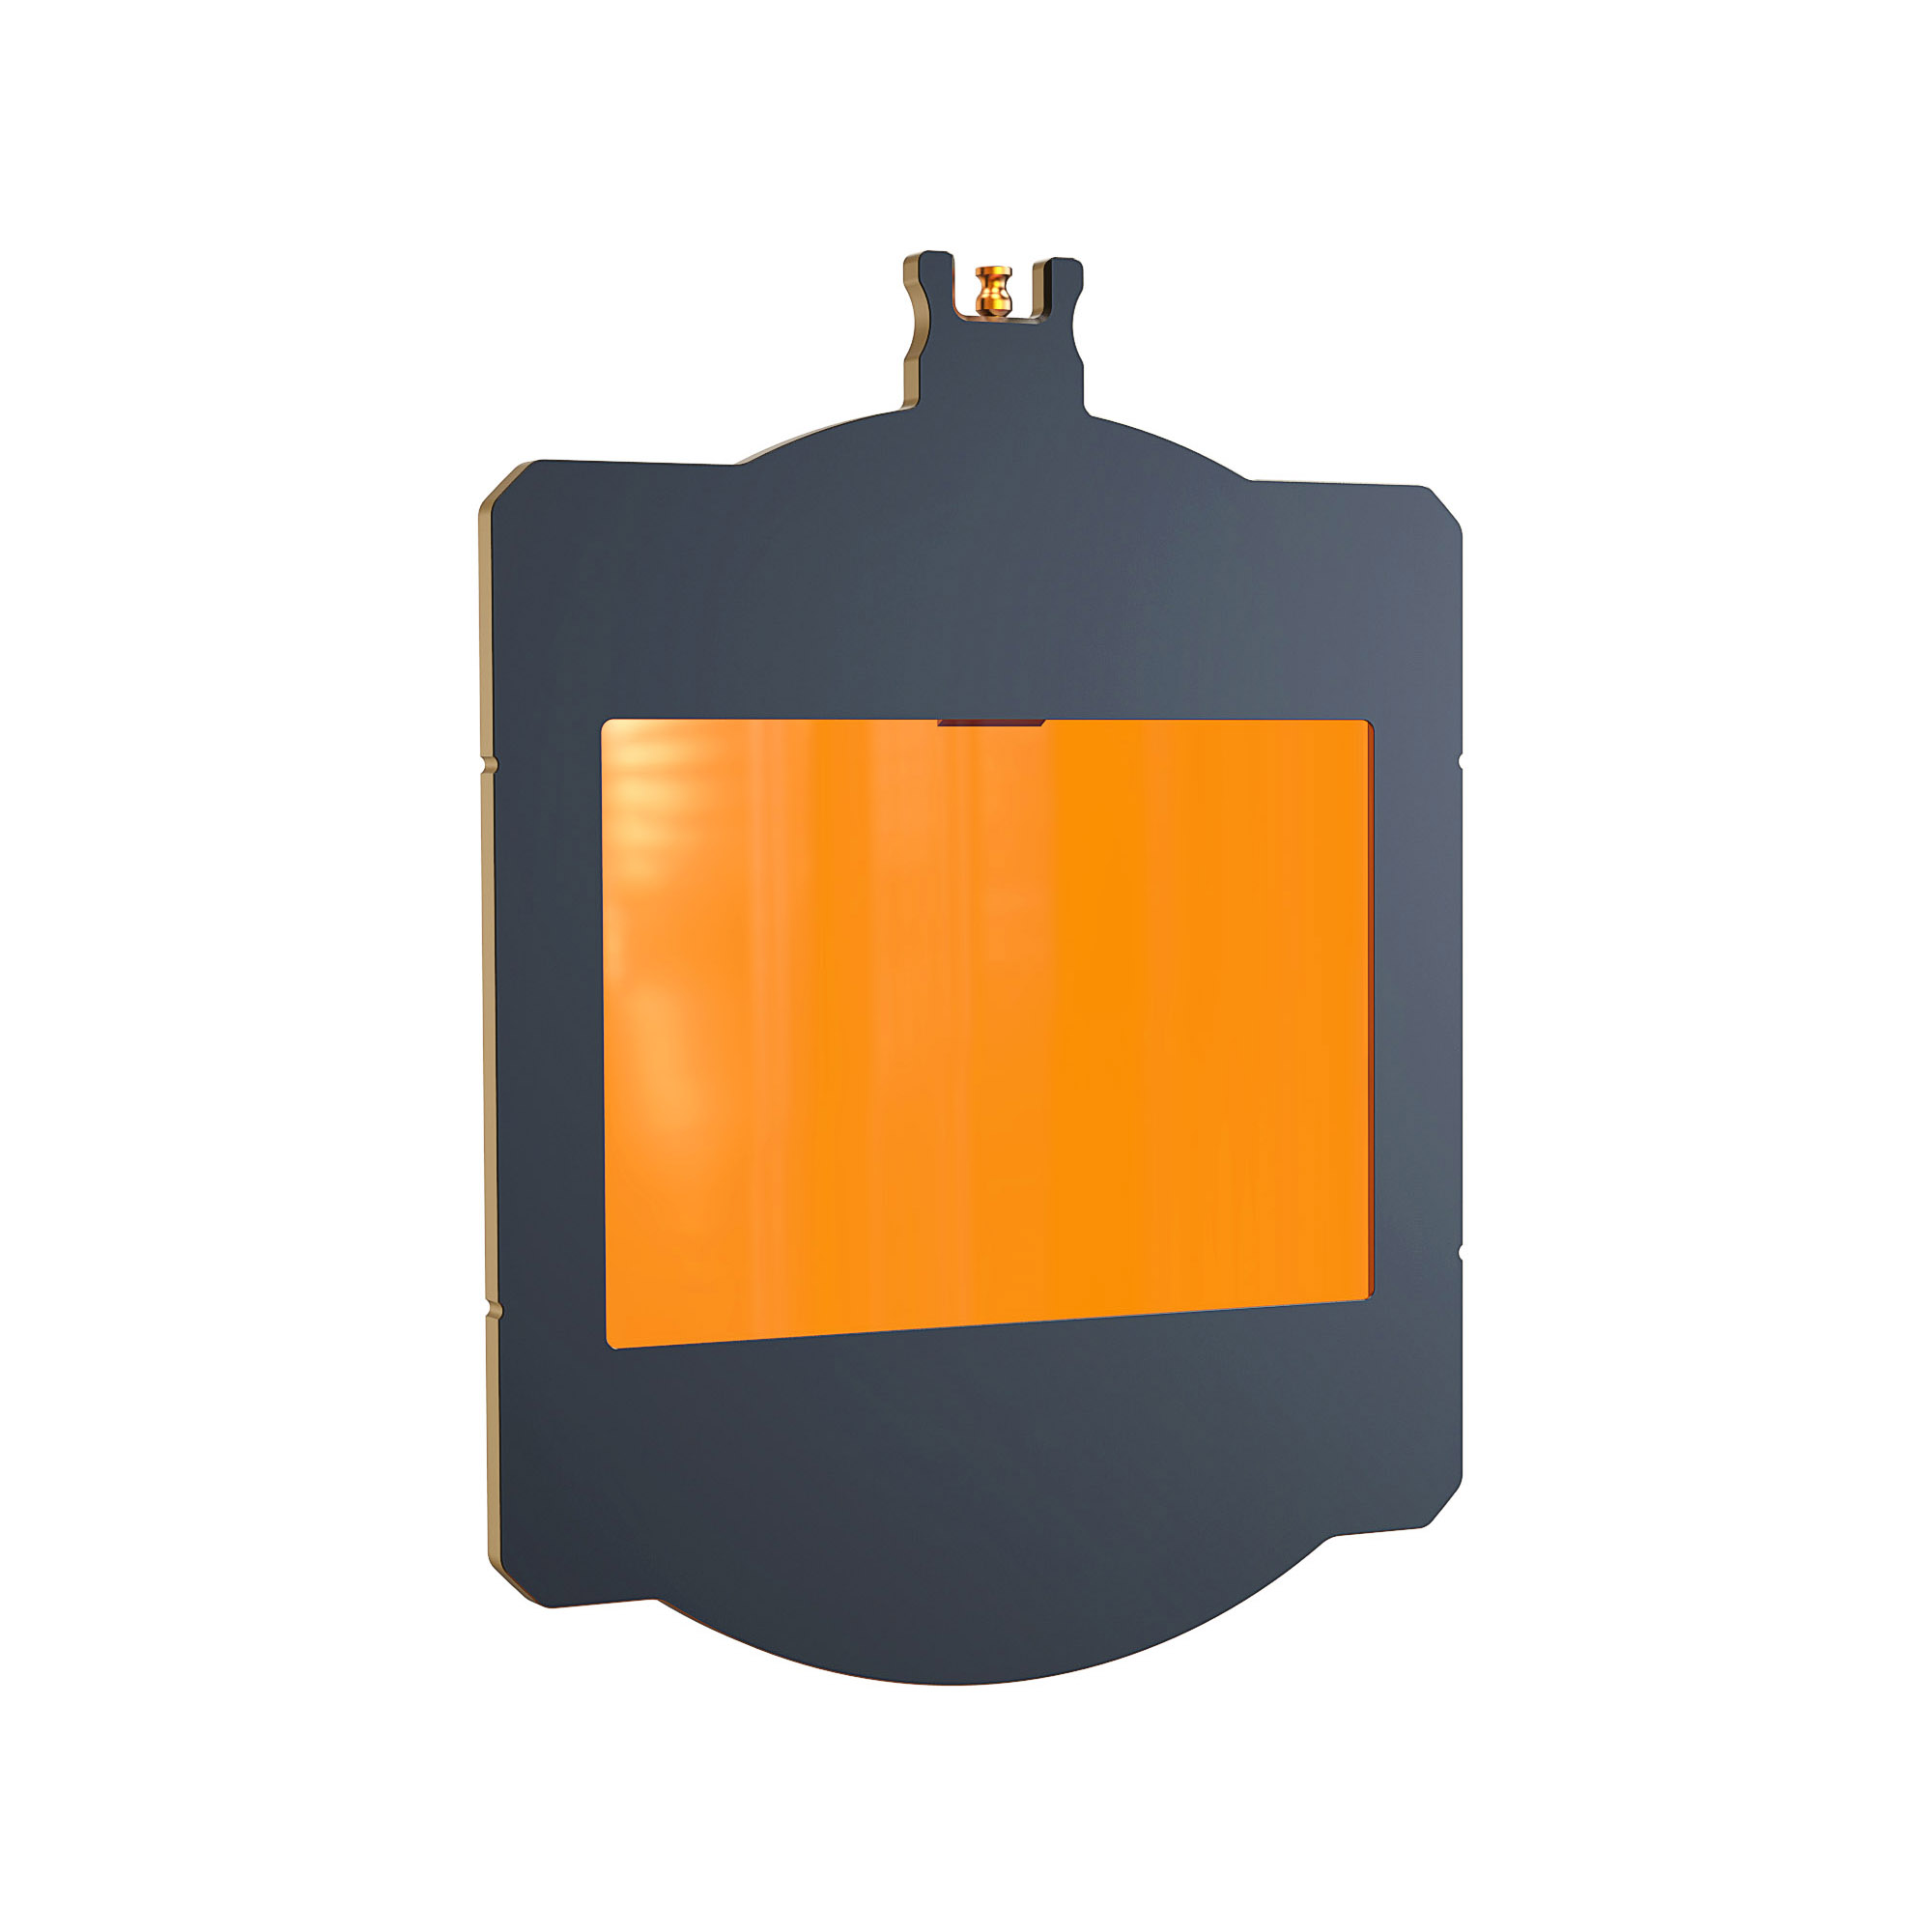 b1251.1007   strummer dna 6.6 4 x 5.65   filter tray   1